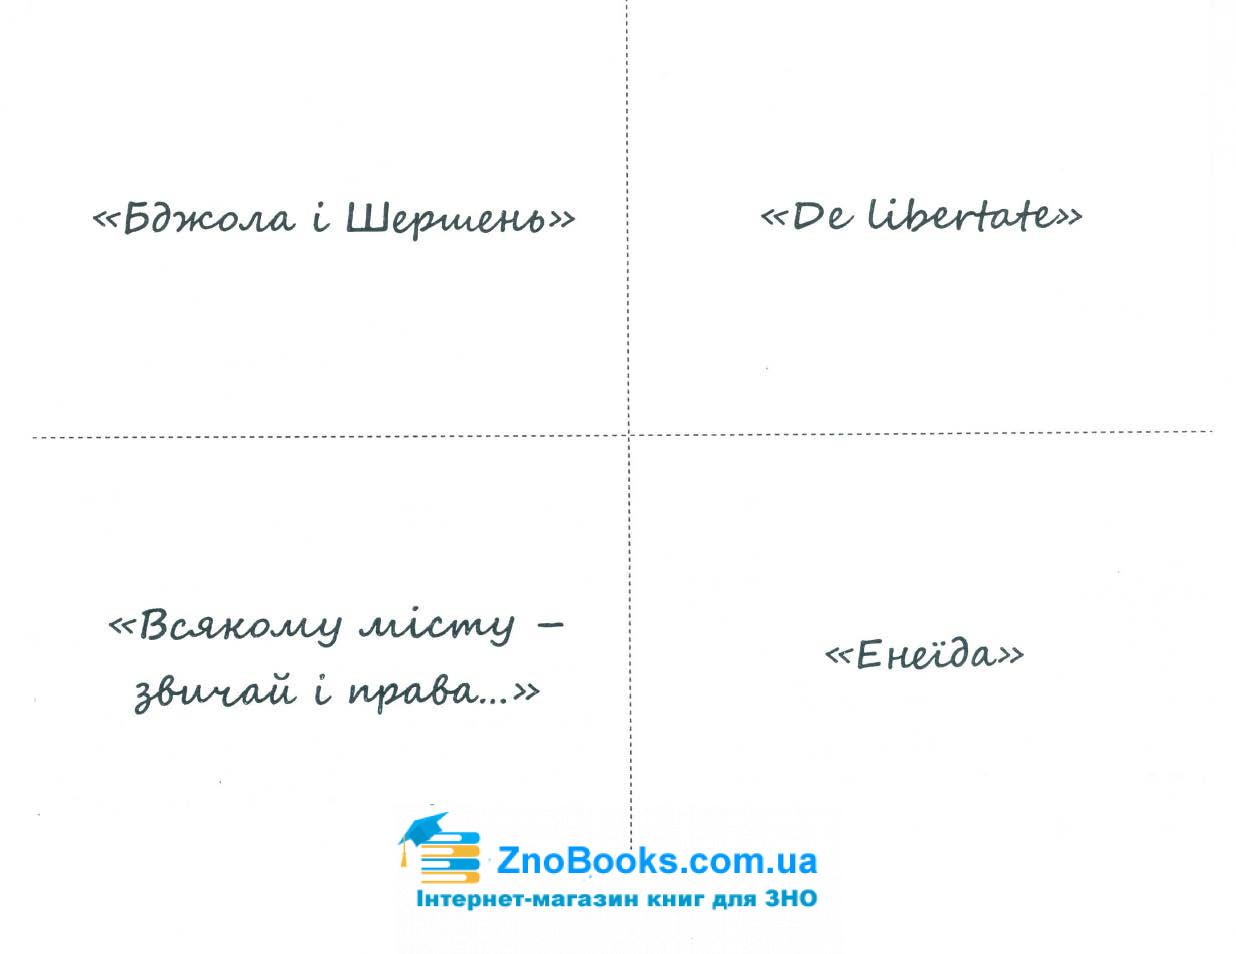 Картки : Як вивчити творчість письменника за три дні. Українська література ЗНО : Бондаренко Ю. Абетка 5